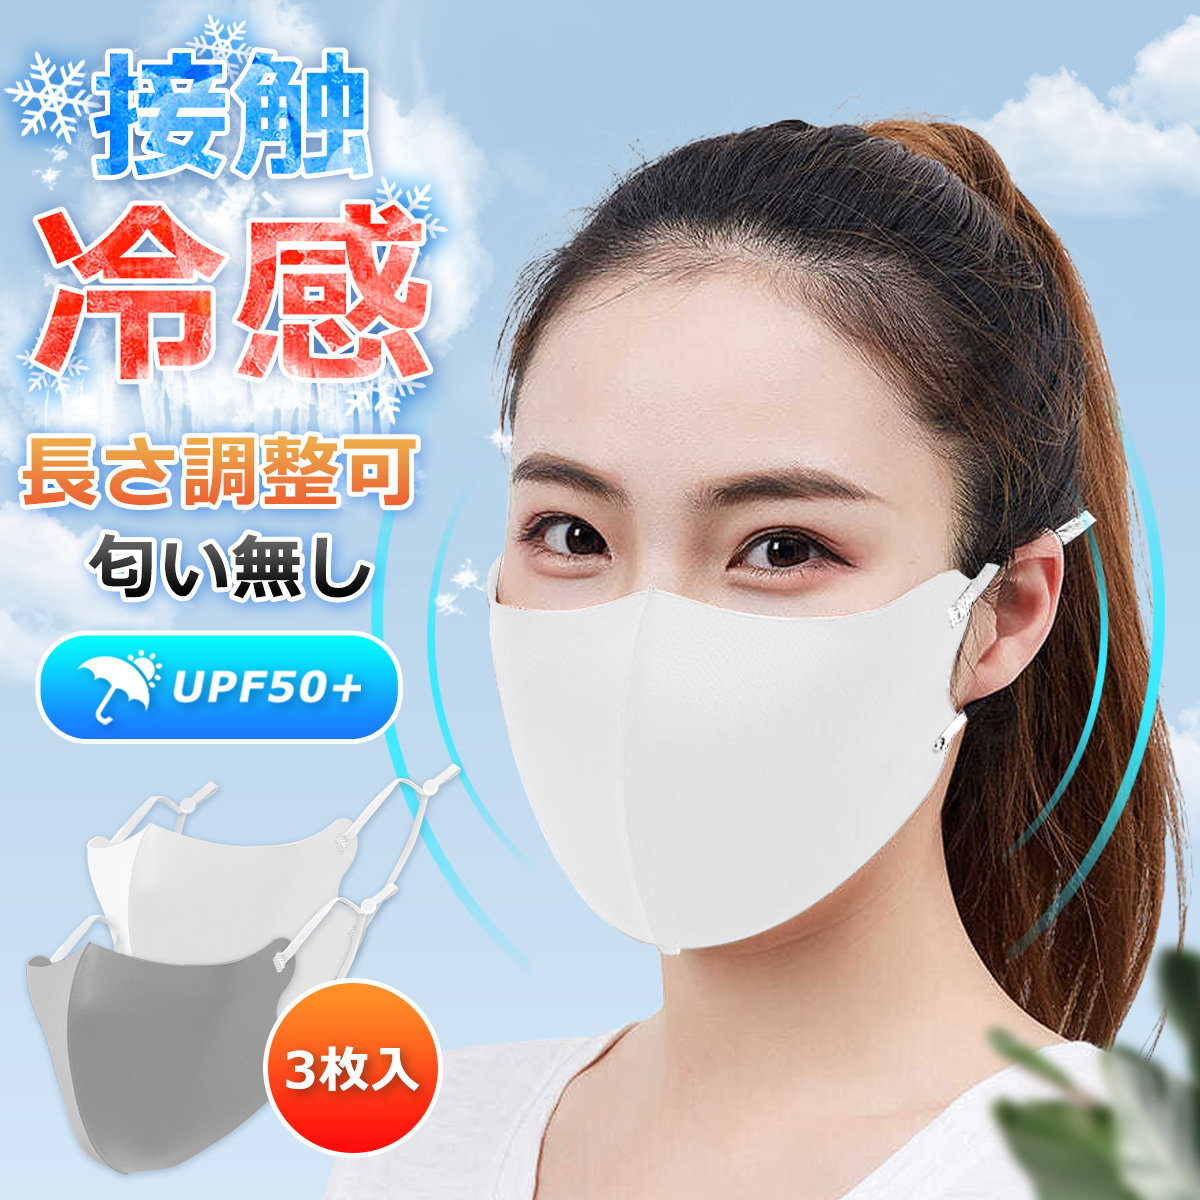 マスク 夏用 冷感 洗えるマスク 個包装 飛沫対策 今だけスーパーセール限定 3枚入り高品質 涼しいマスク 長さ調整可能 1000円ポッキリ 臭いしない 超激安 洗える 接触冷感 耳痛くない